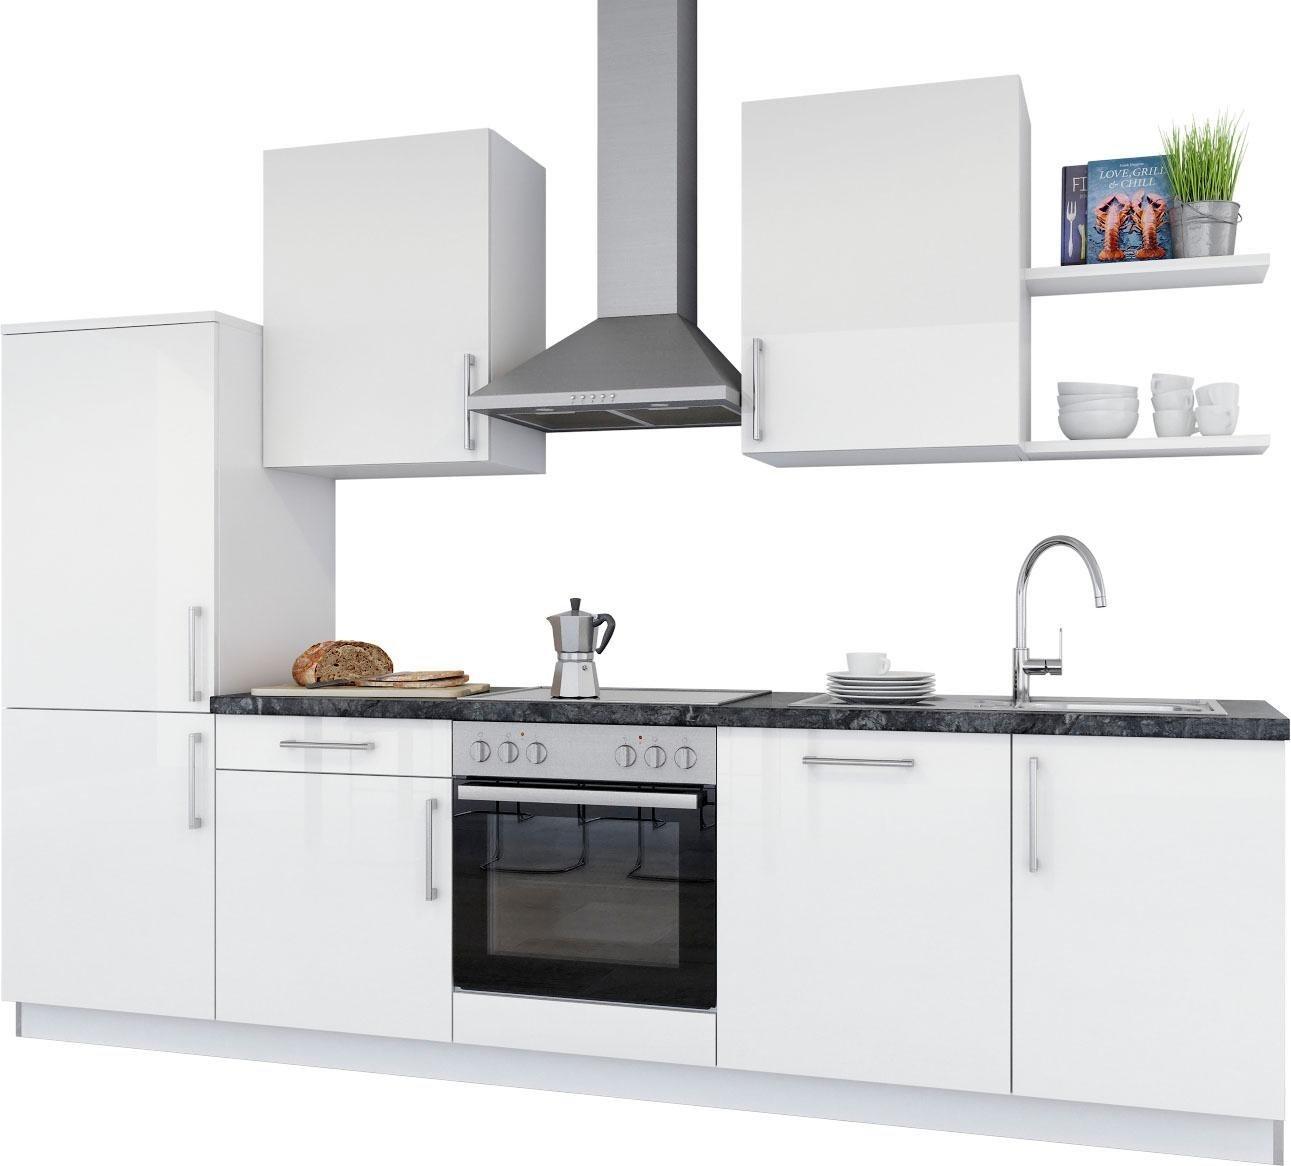 Welnova Küchenzeilen online kaufen   Möbel-Suchmaschine   ladendirekt.de